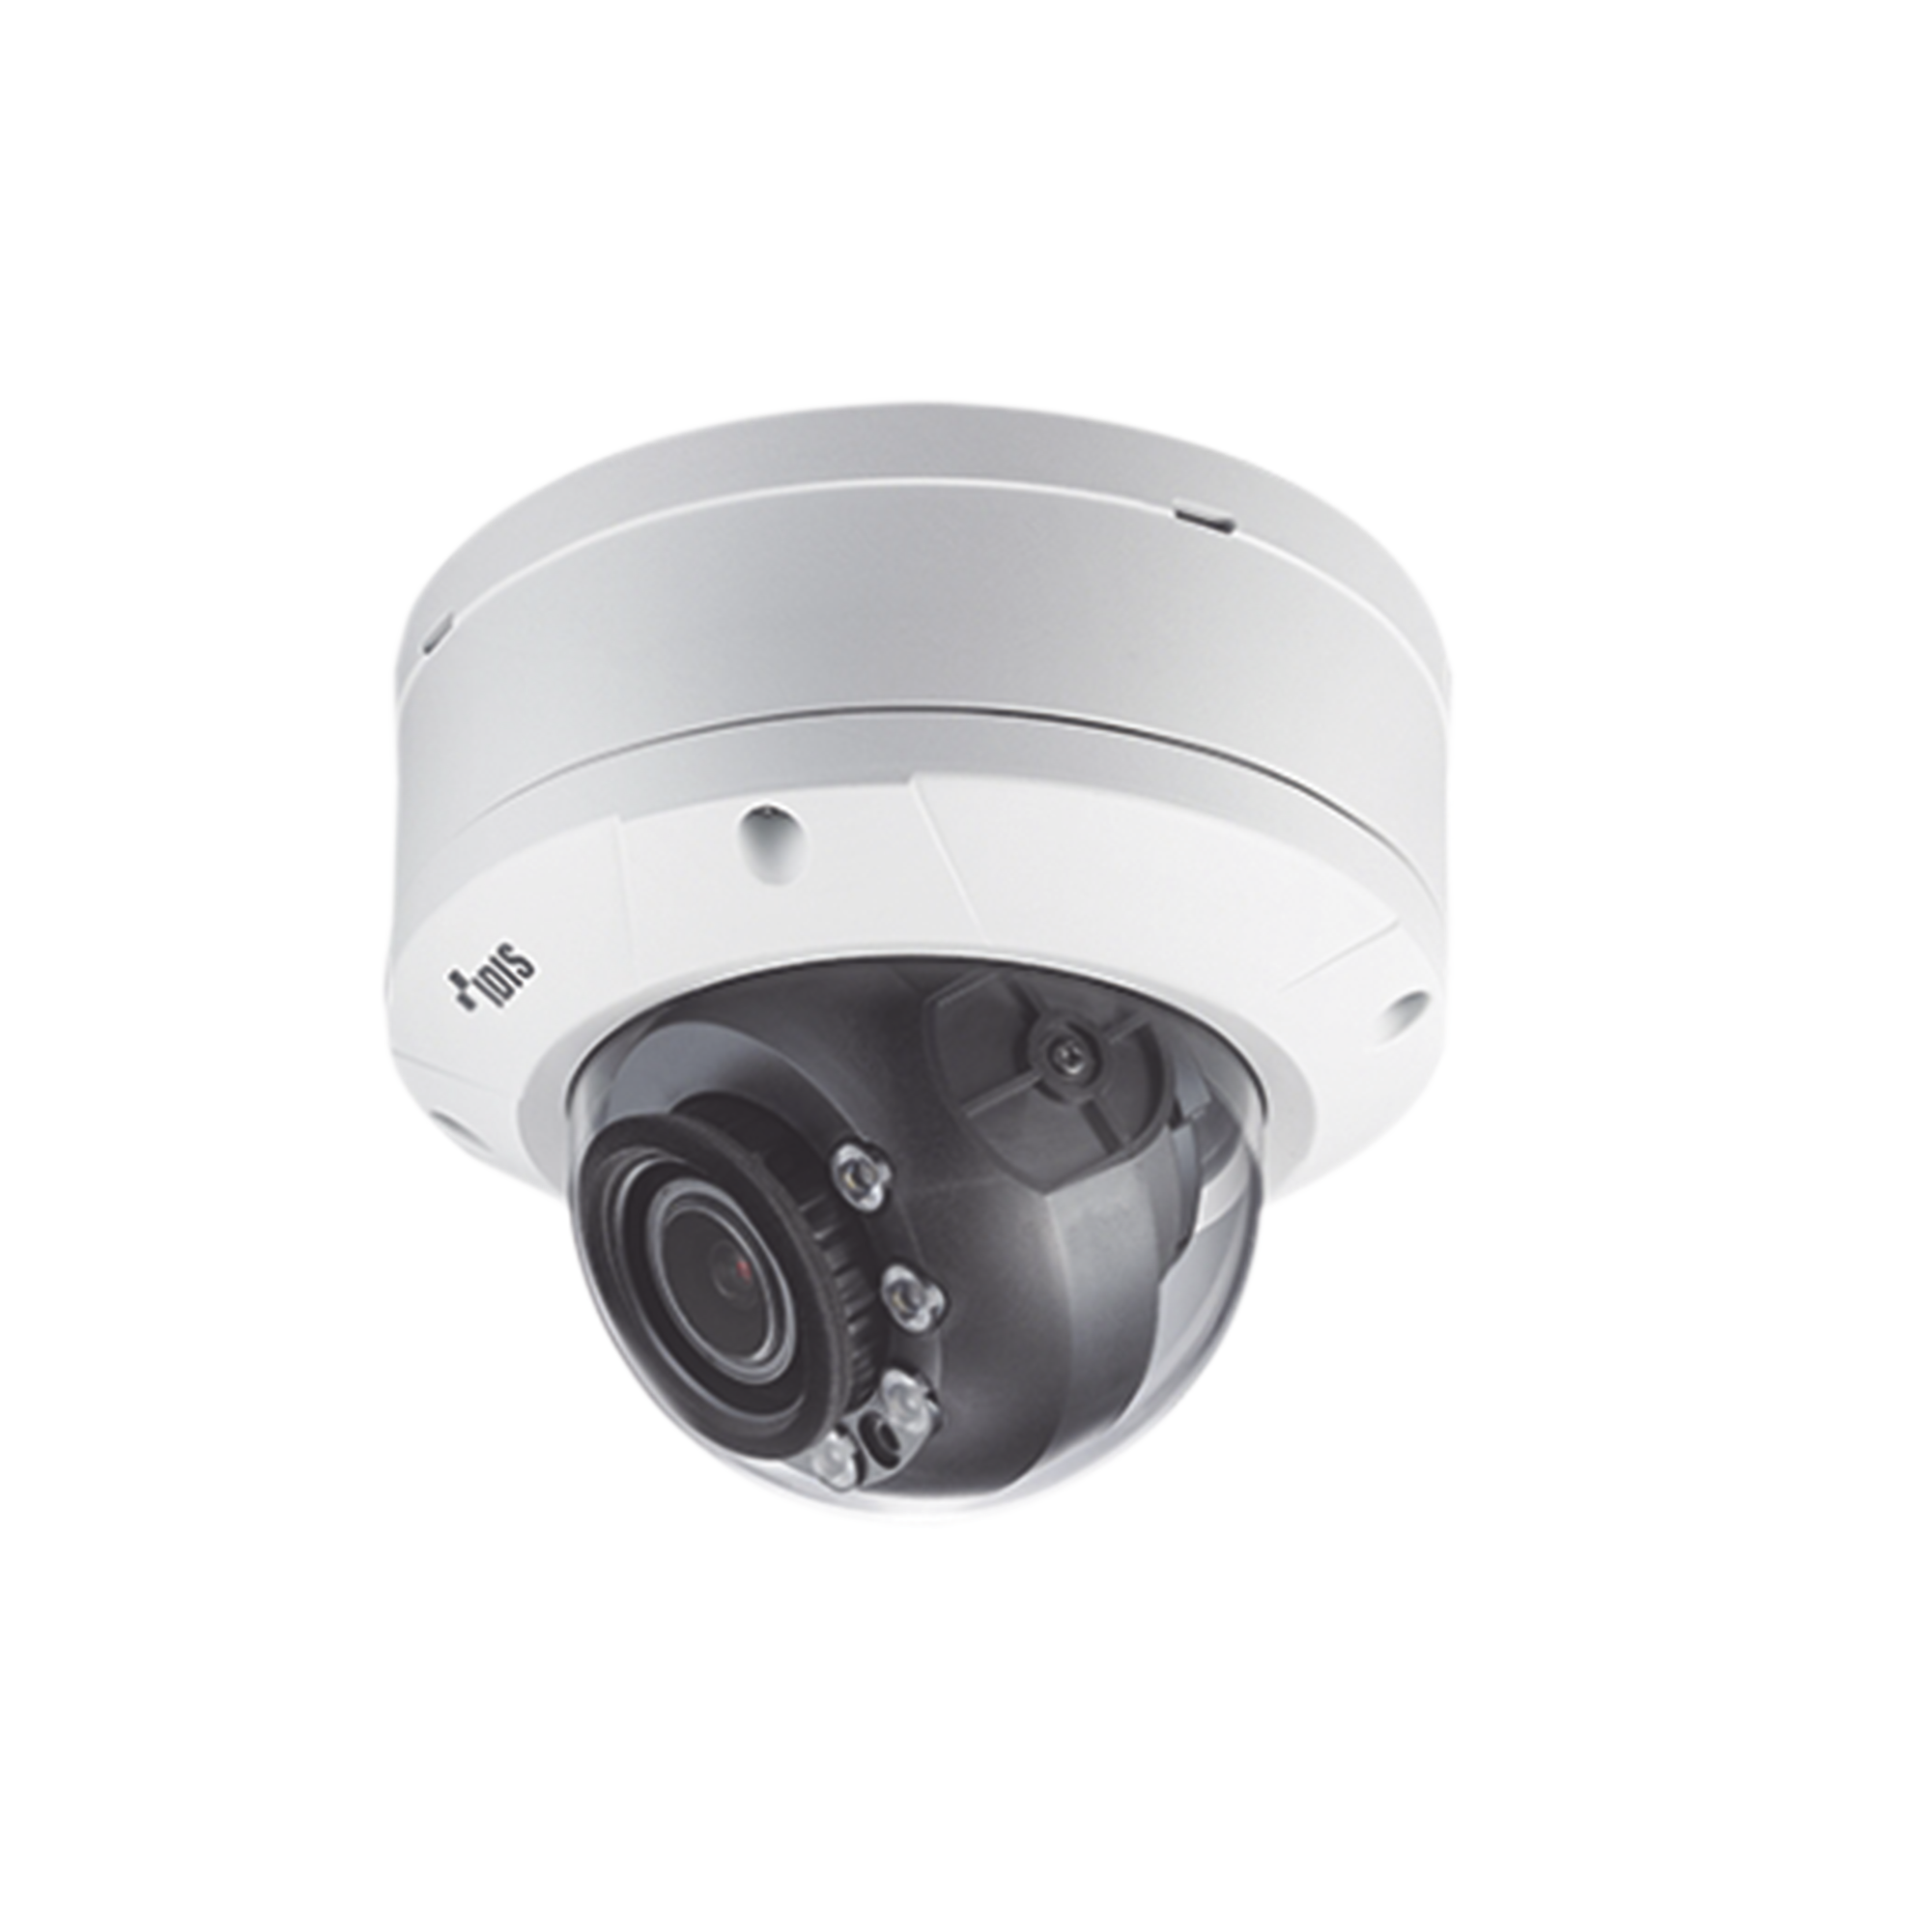 Cámara IP Domo Antivandálico | Calefactor 2MP (H265) | Lente MOTORIZADO Varifocal 2.8-12mm | Exterior | Entrada / Salida de Audio y Alarma | IR 20m | WDR 120dB